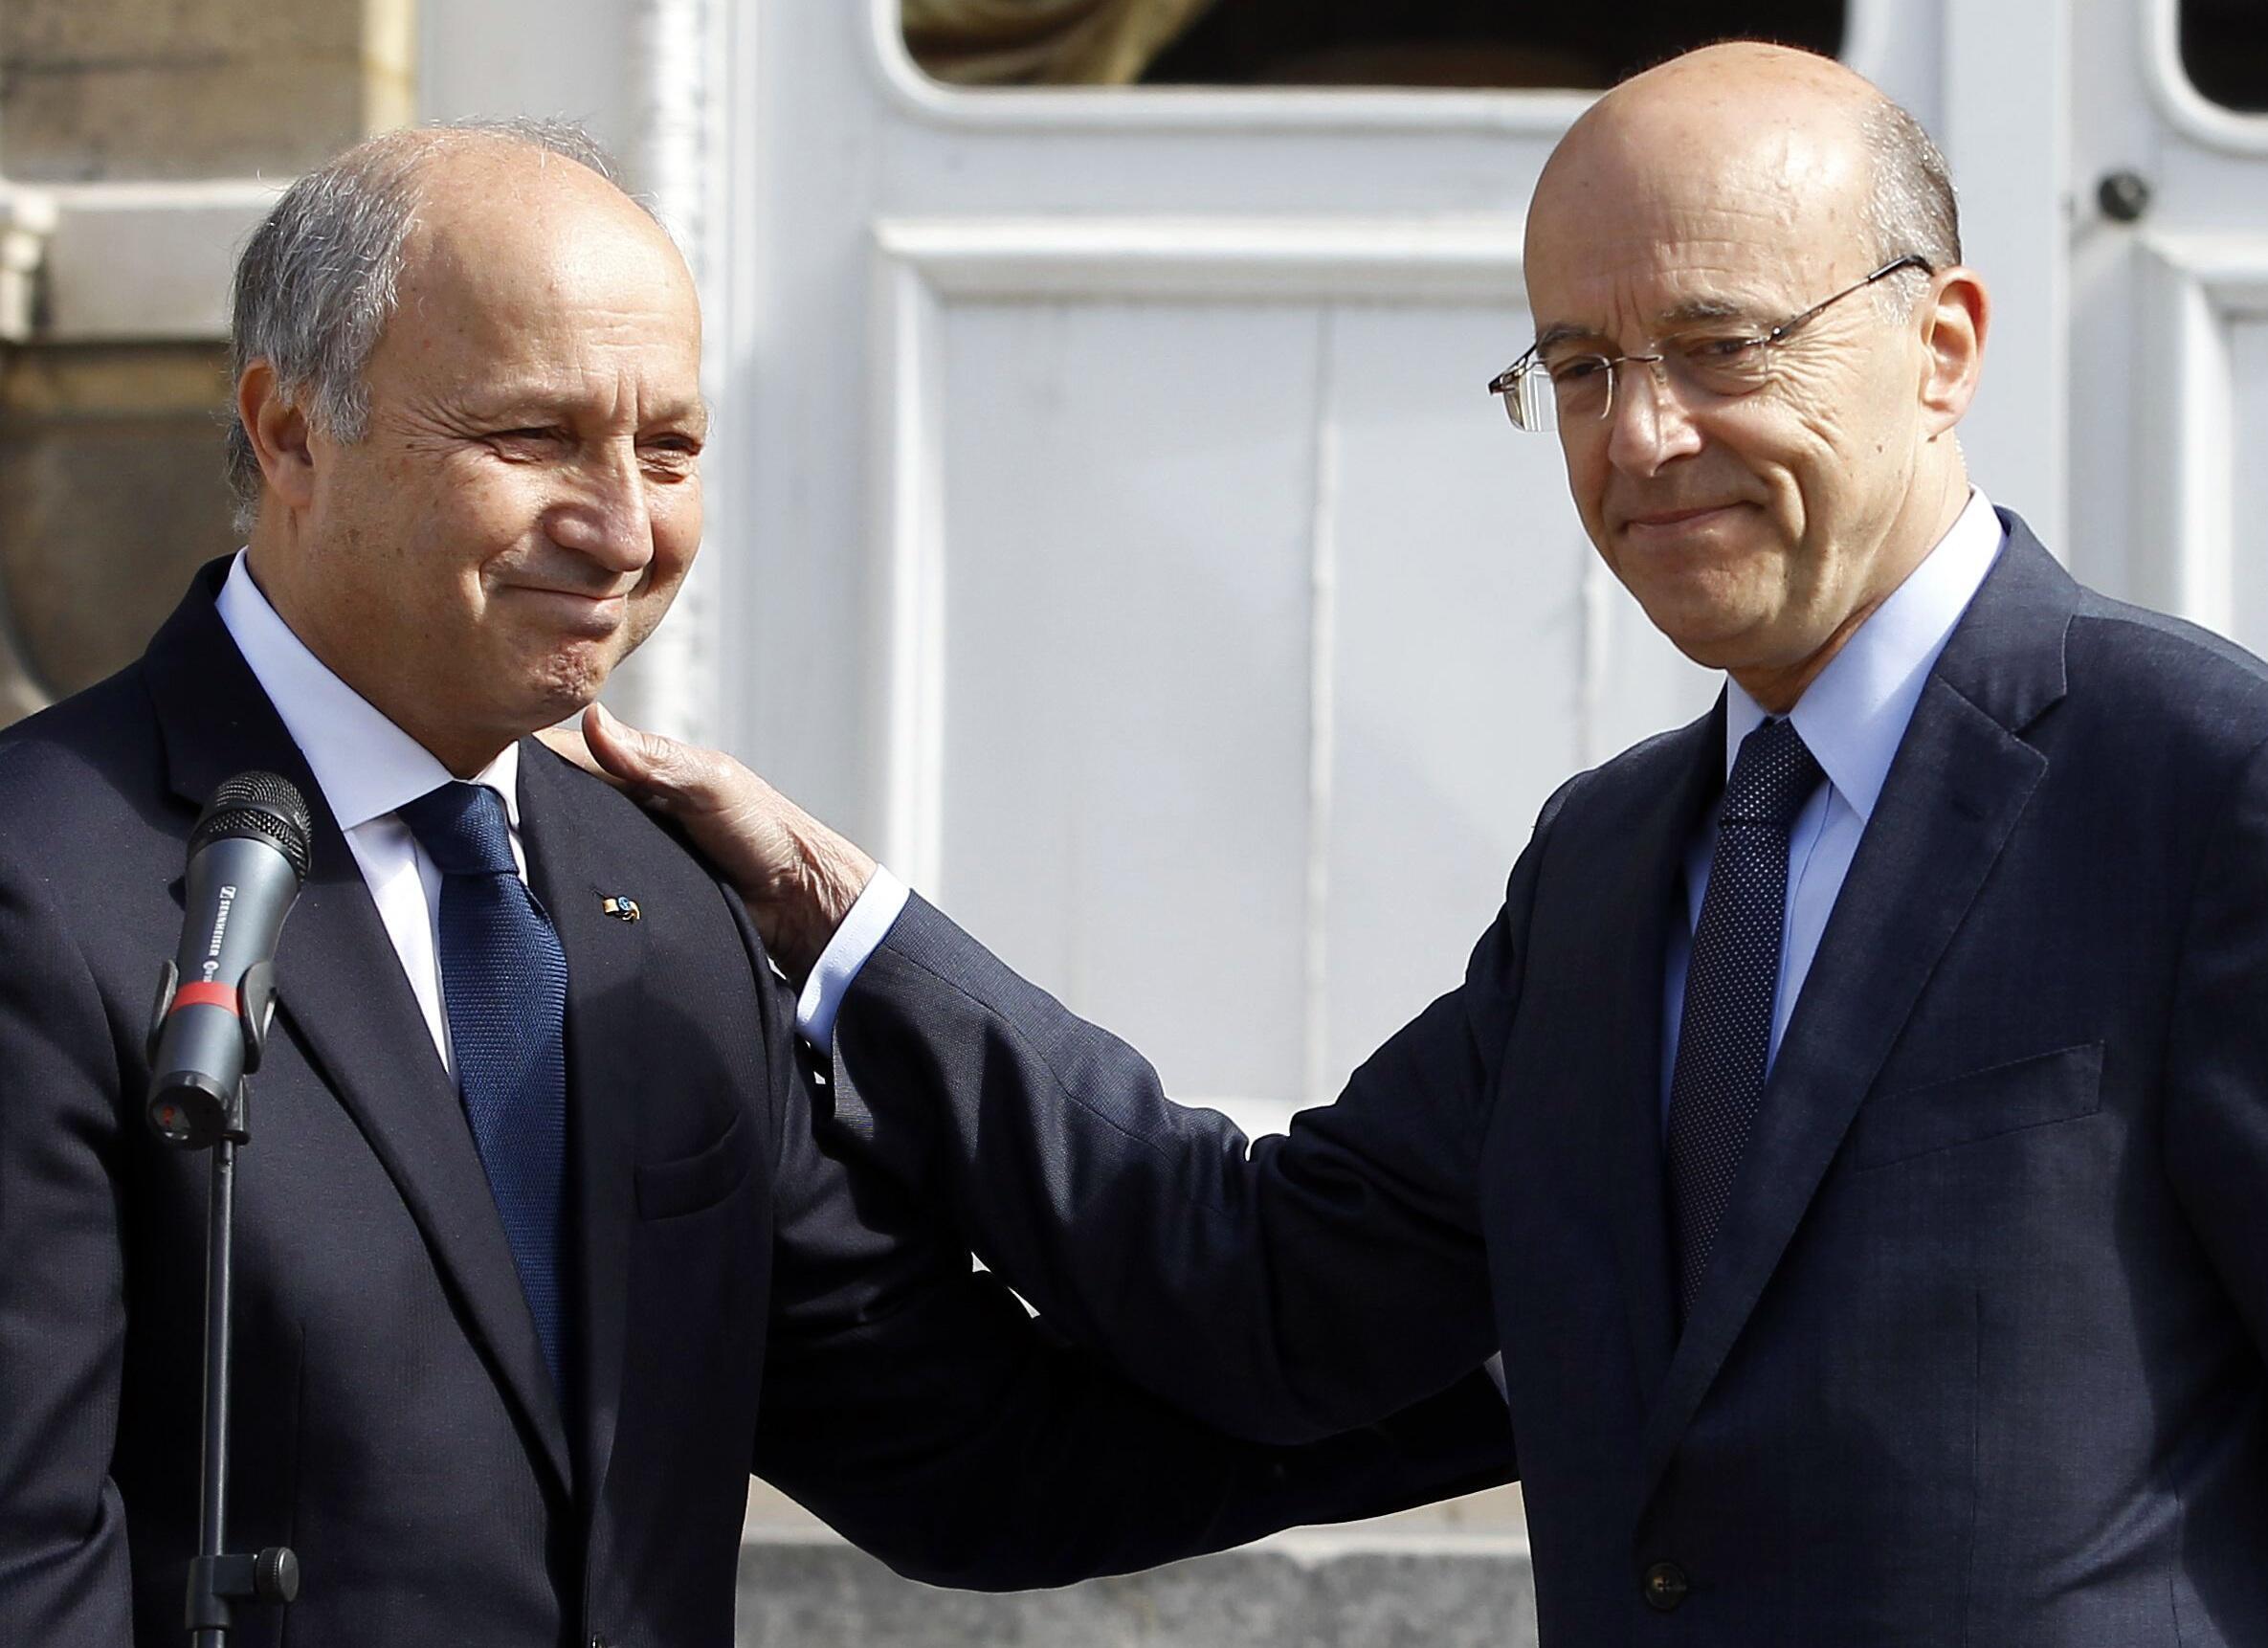 Лоран Фабиус (слева) и Ален Жюппе в ходе передачи полномочий в МИД Франции в четверг 17 мая 2012 г.